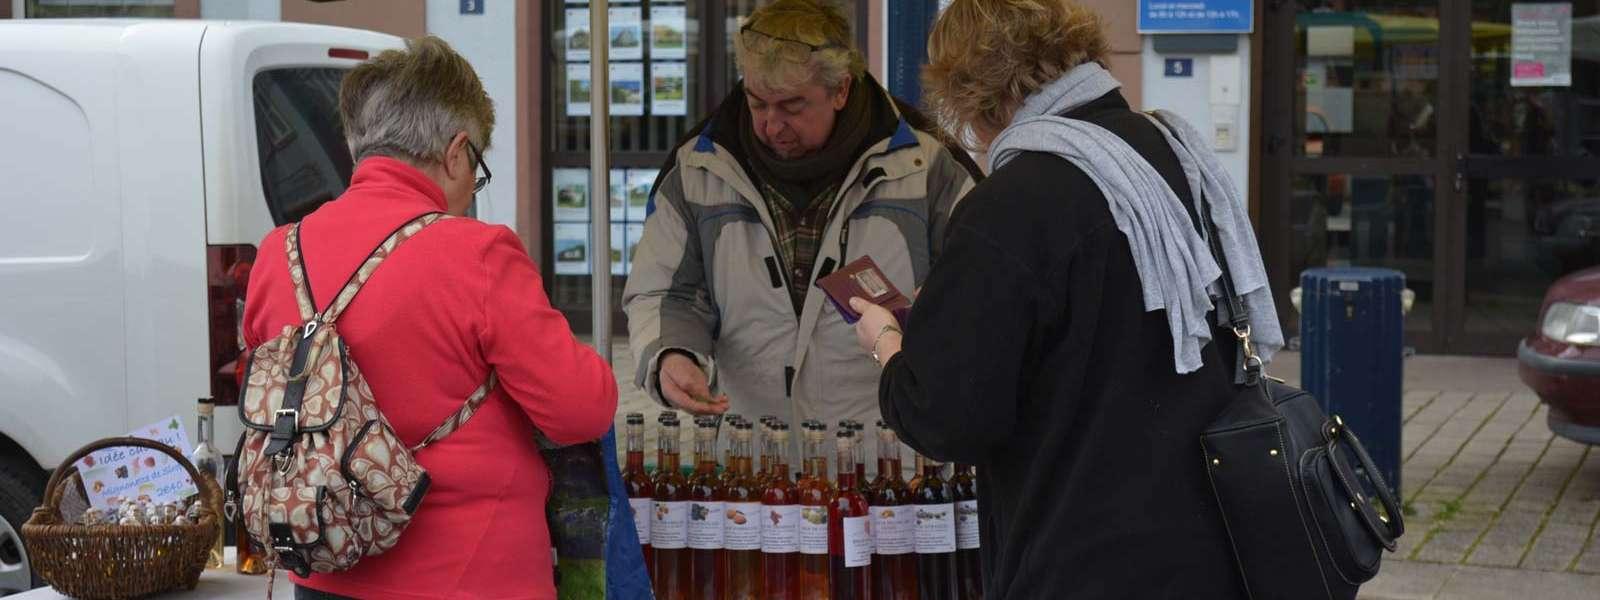 Marché du terroir et des produits équitables, Niederbronn-les-Bains, Alsace